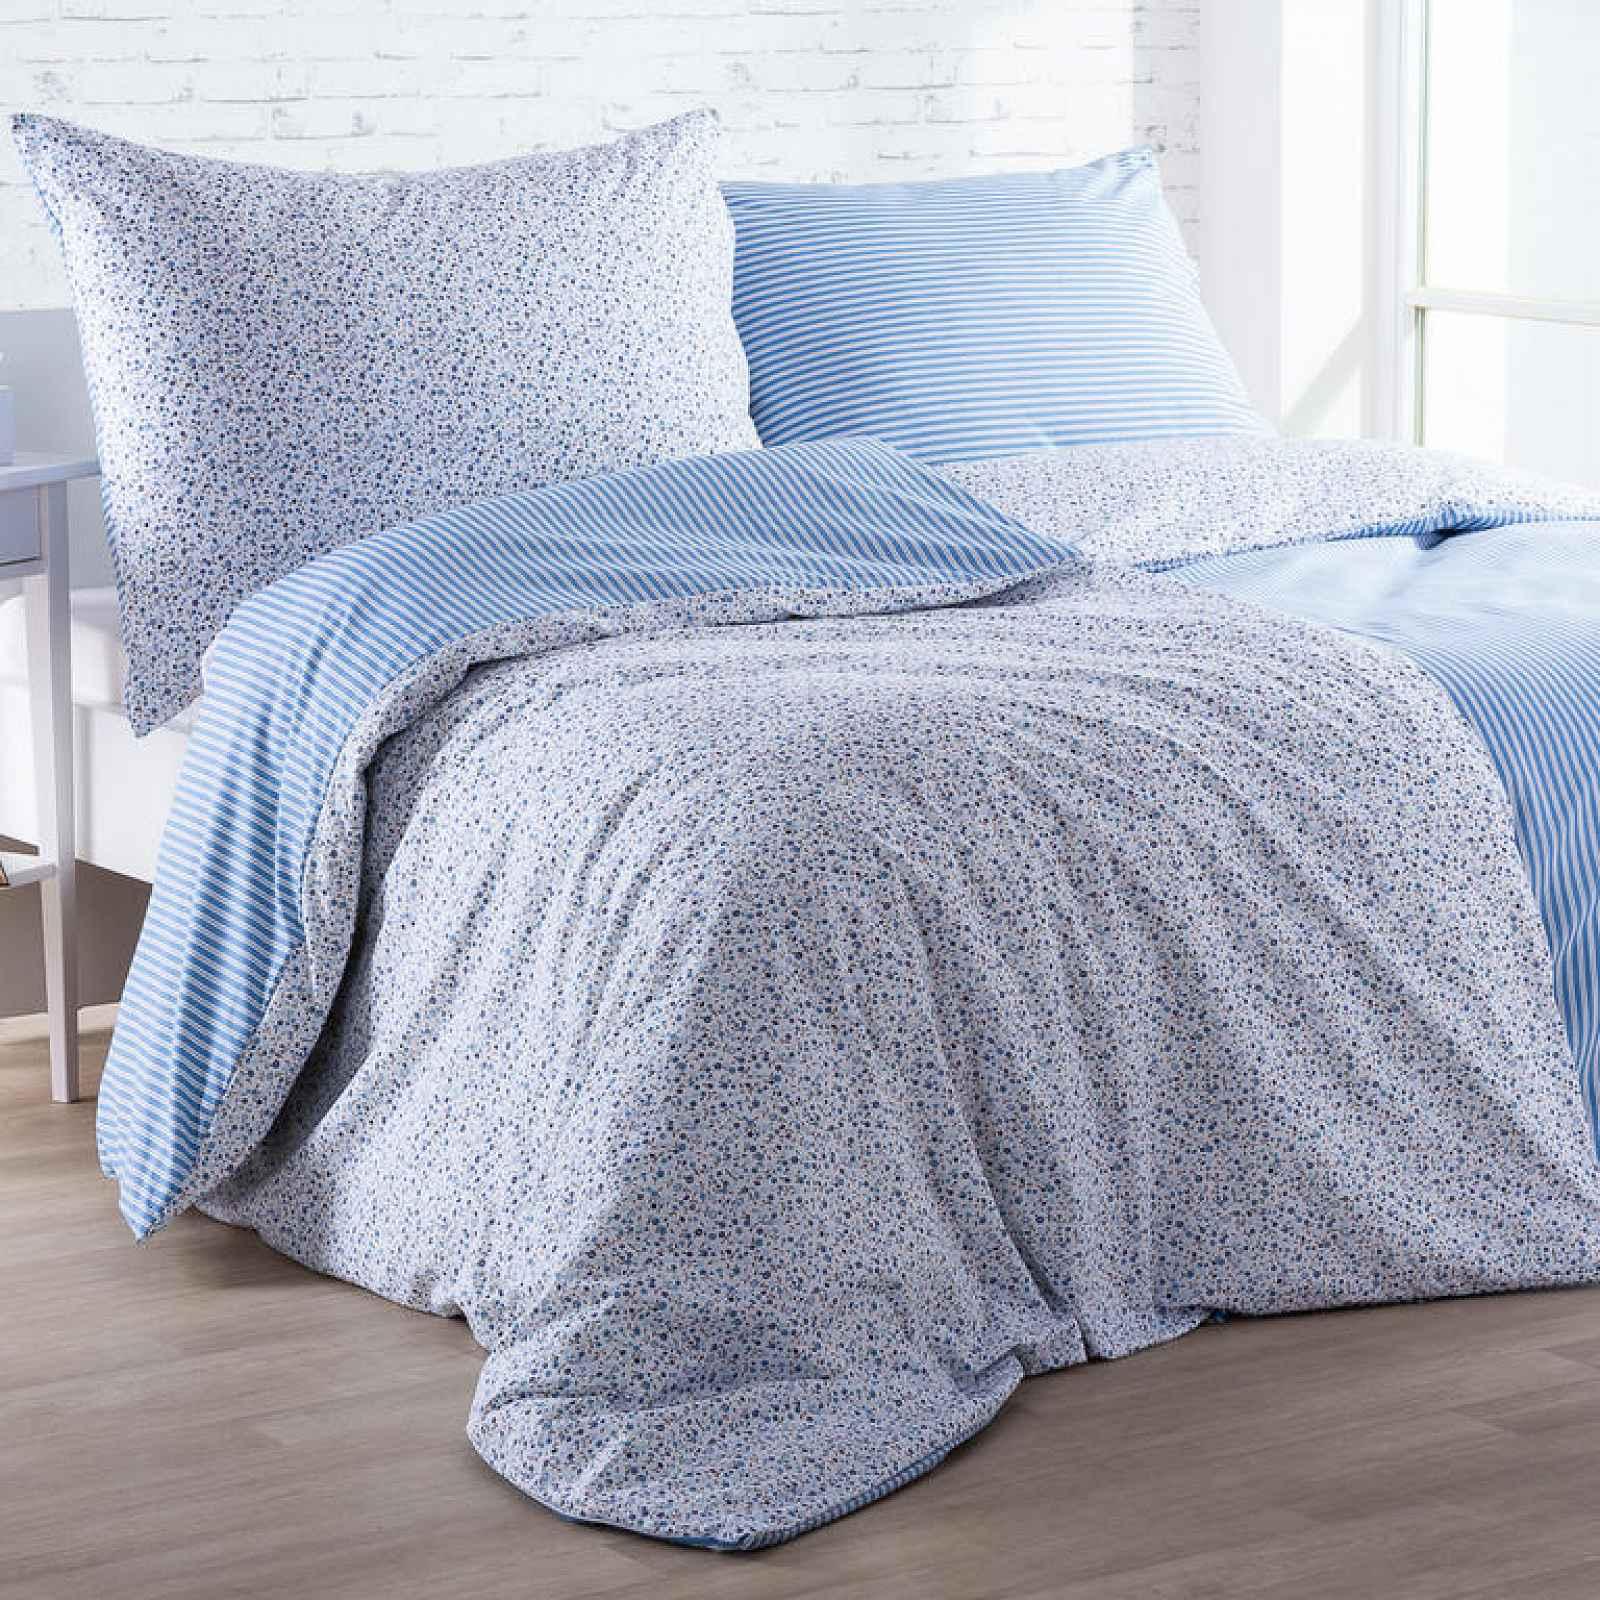 Bavlněné  povlečení ŽANETA světle modré 140 x 200 cm, 70 x 90 cm